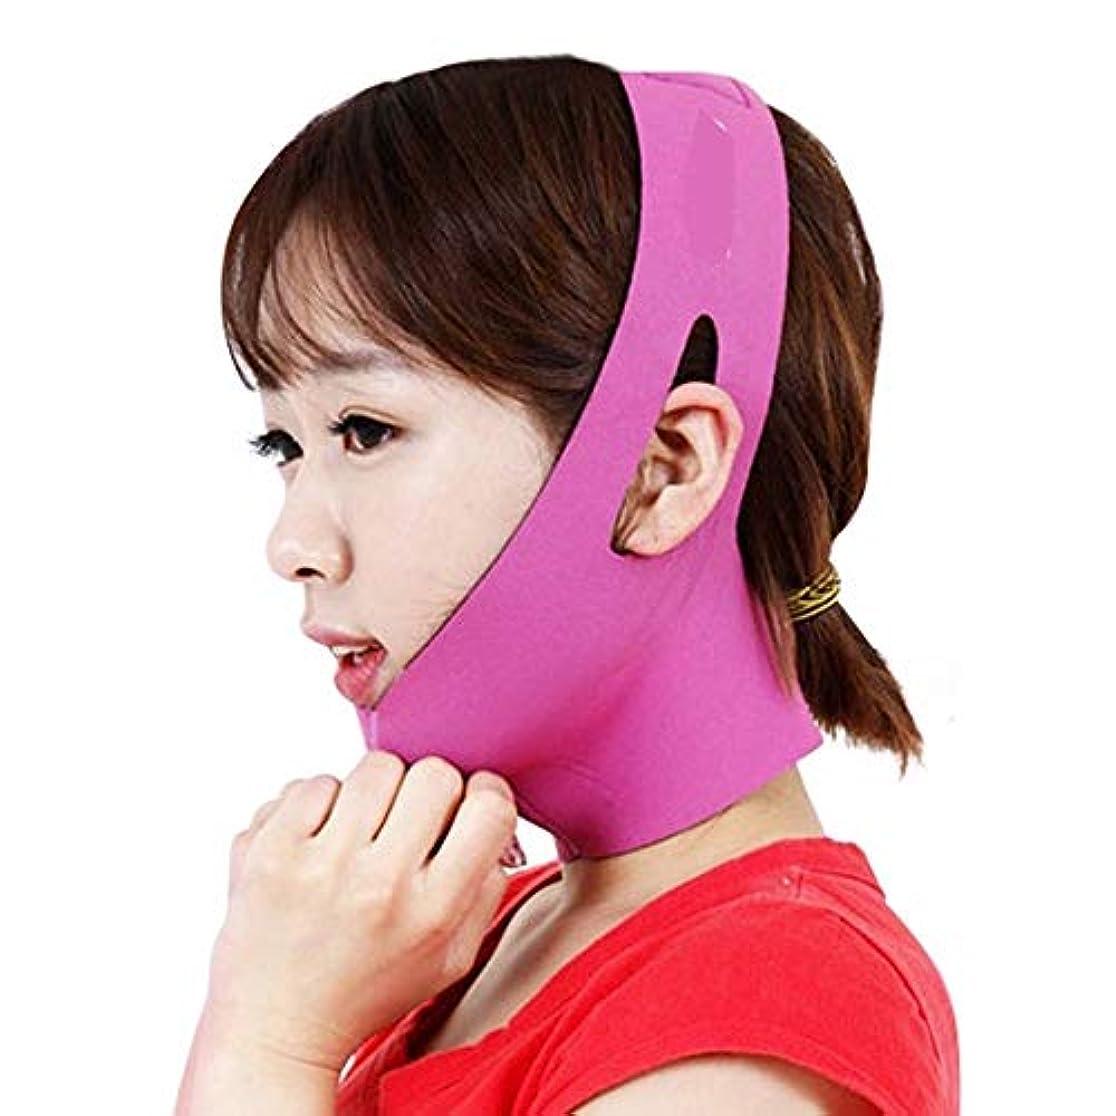 犯罪誤解シエスタ顔を持ち上げる包帯、フェイシャルマッサージのV字型の顔が睡眠の質を向上させます通気性の低下した二重あごのアンチエイジング美容 (Color : Pink)